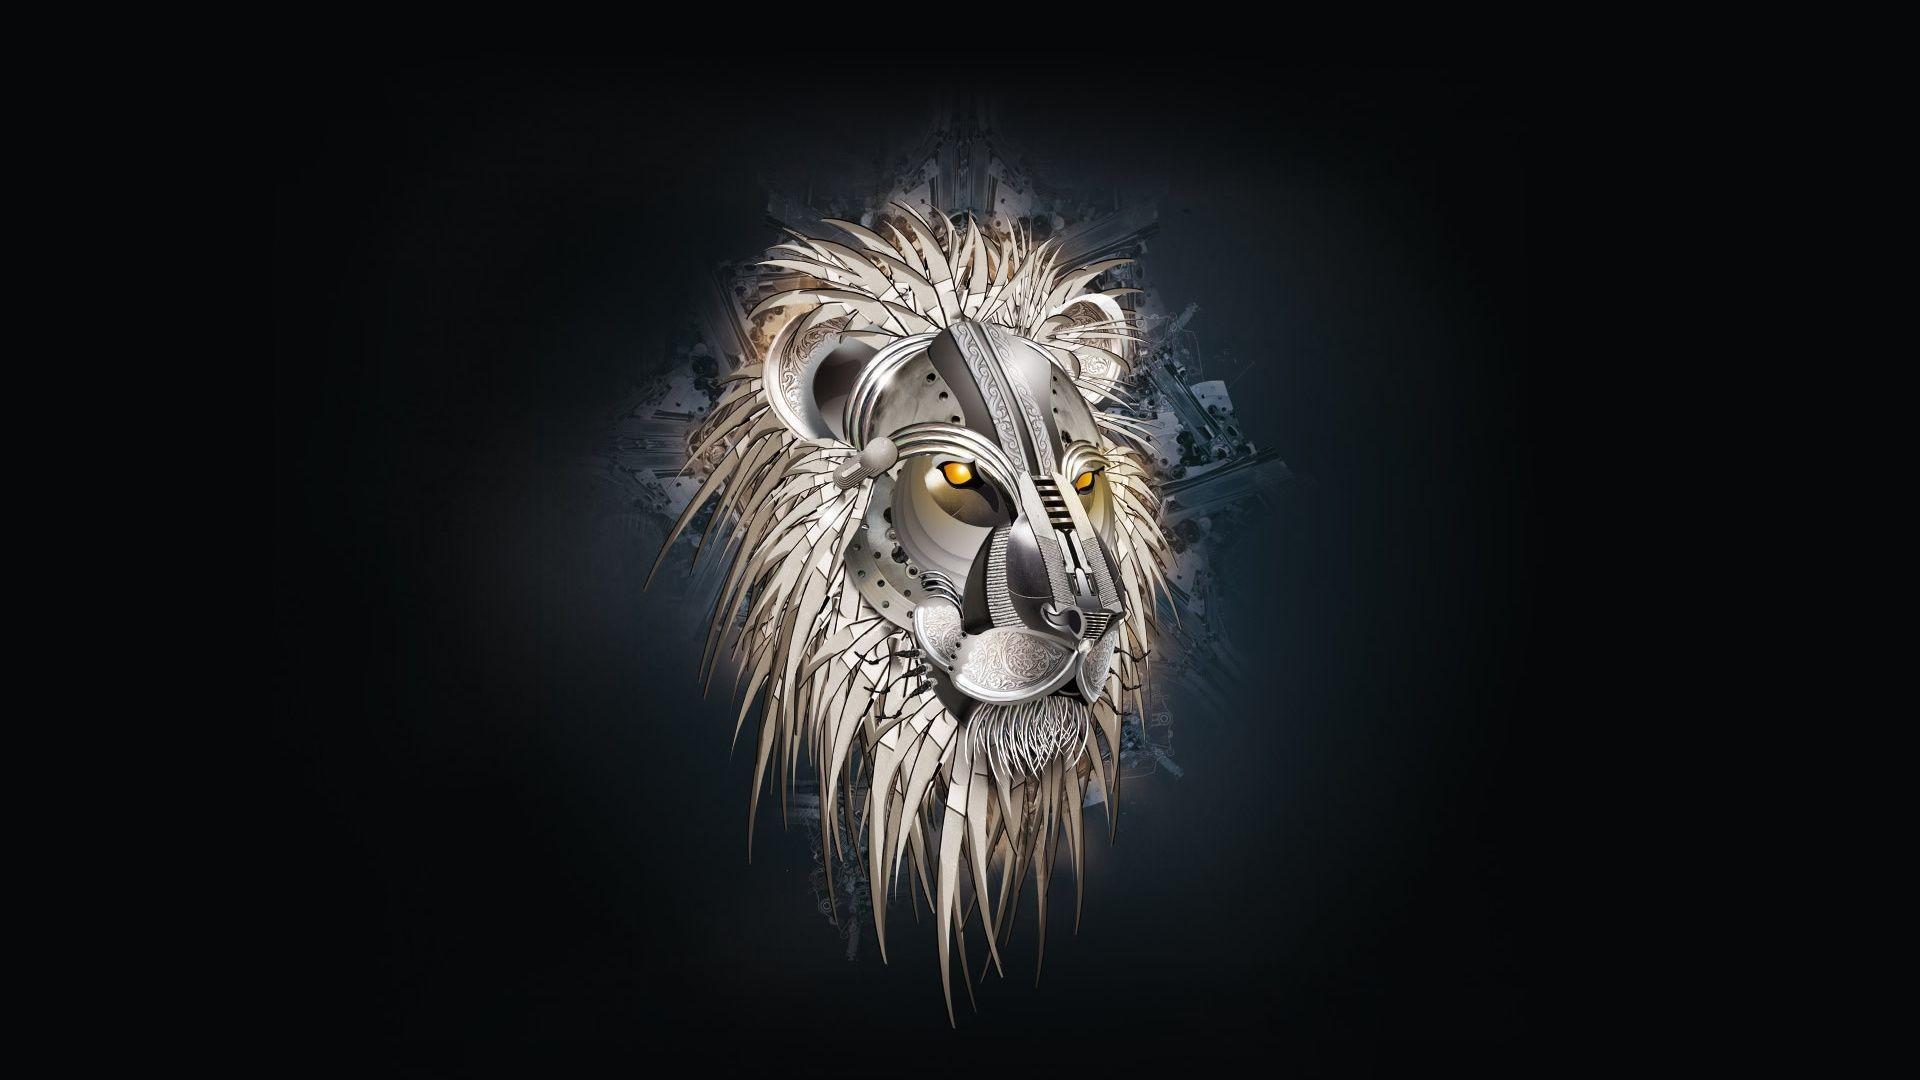 Res: 1920x1080, Drawn wallpaper lion #4